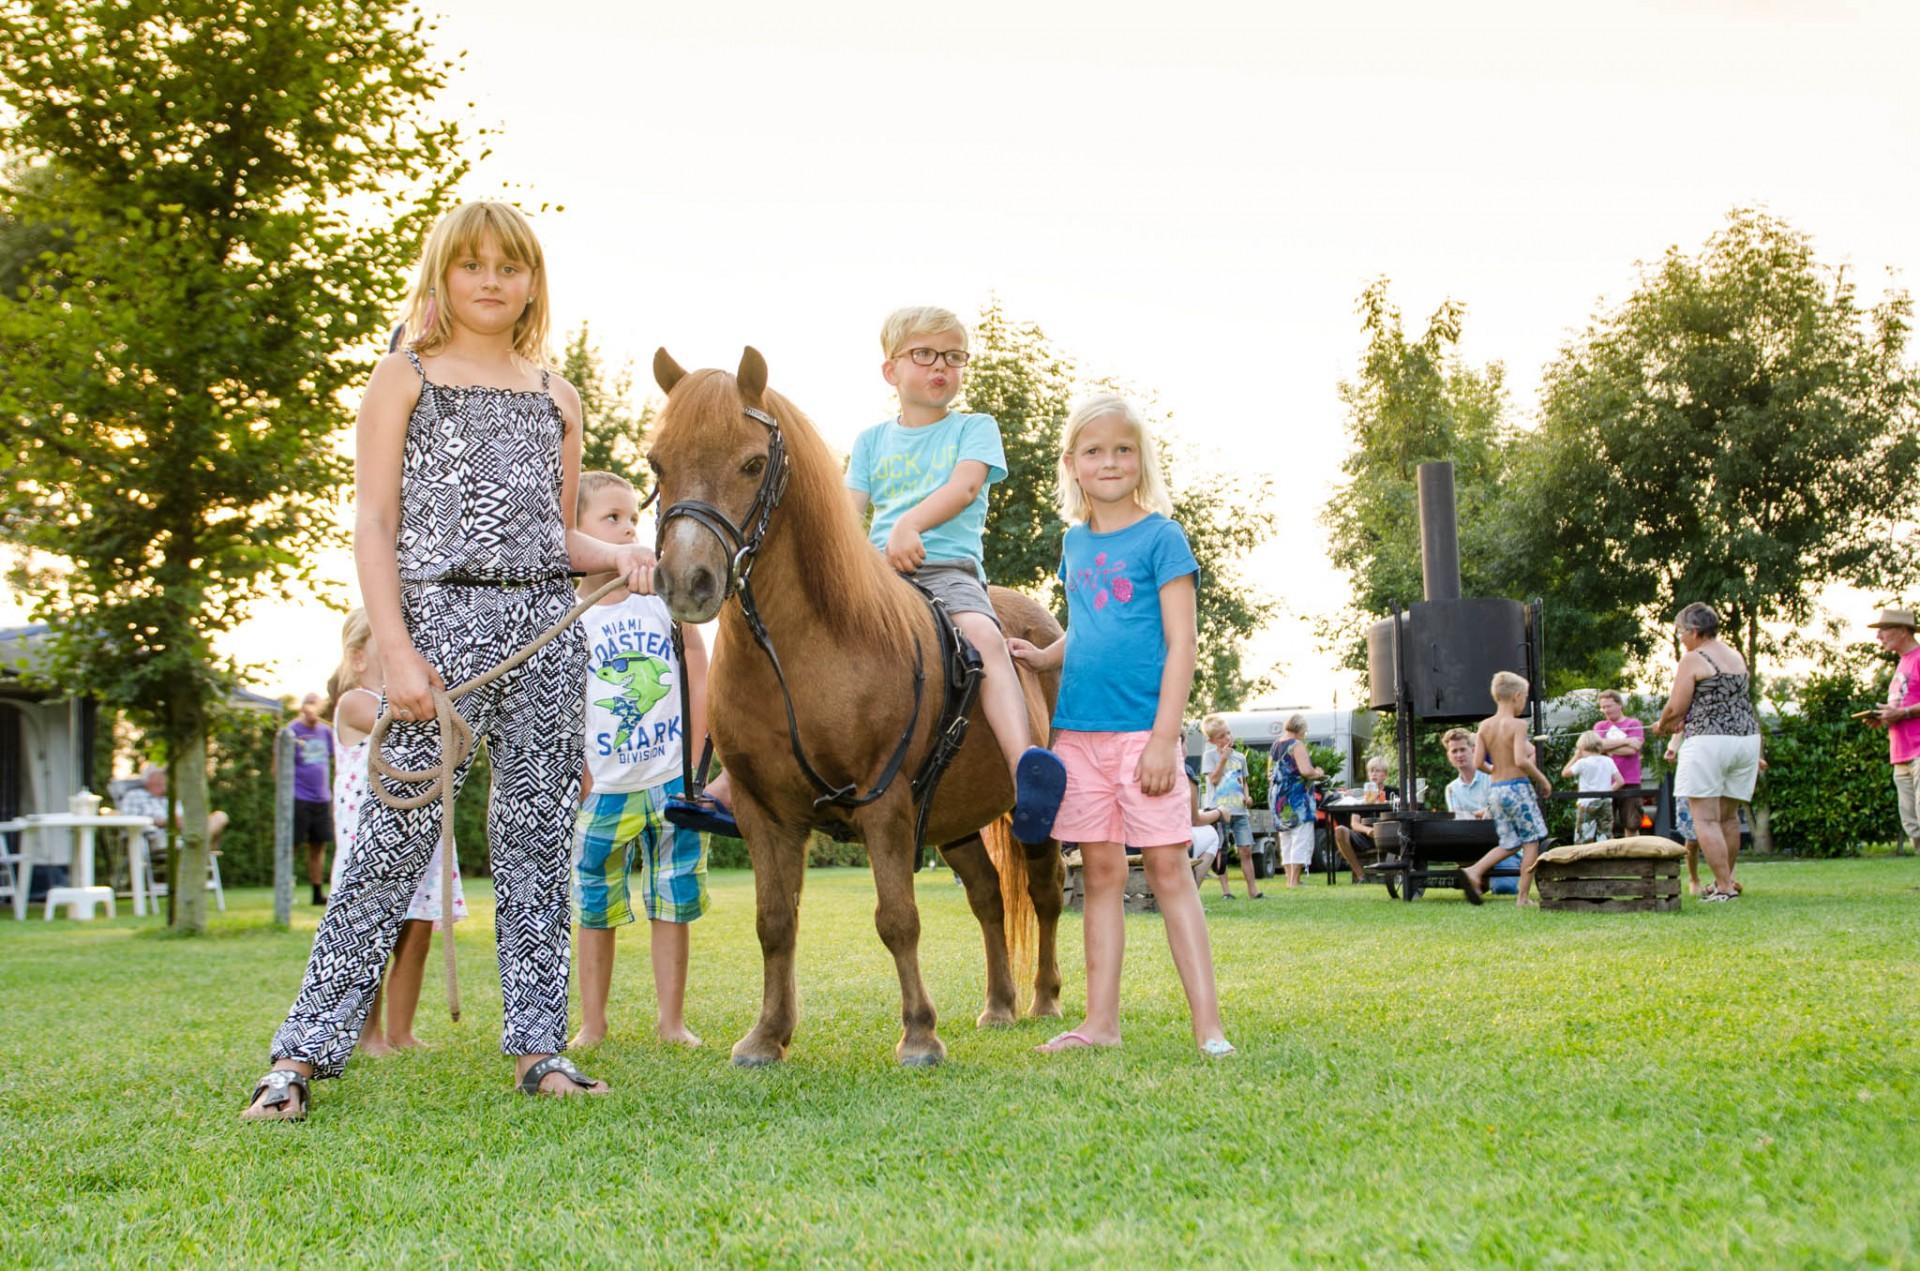 Camping de Tesseplekke - op de pony